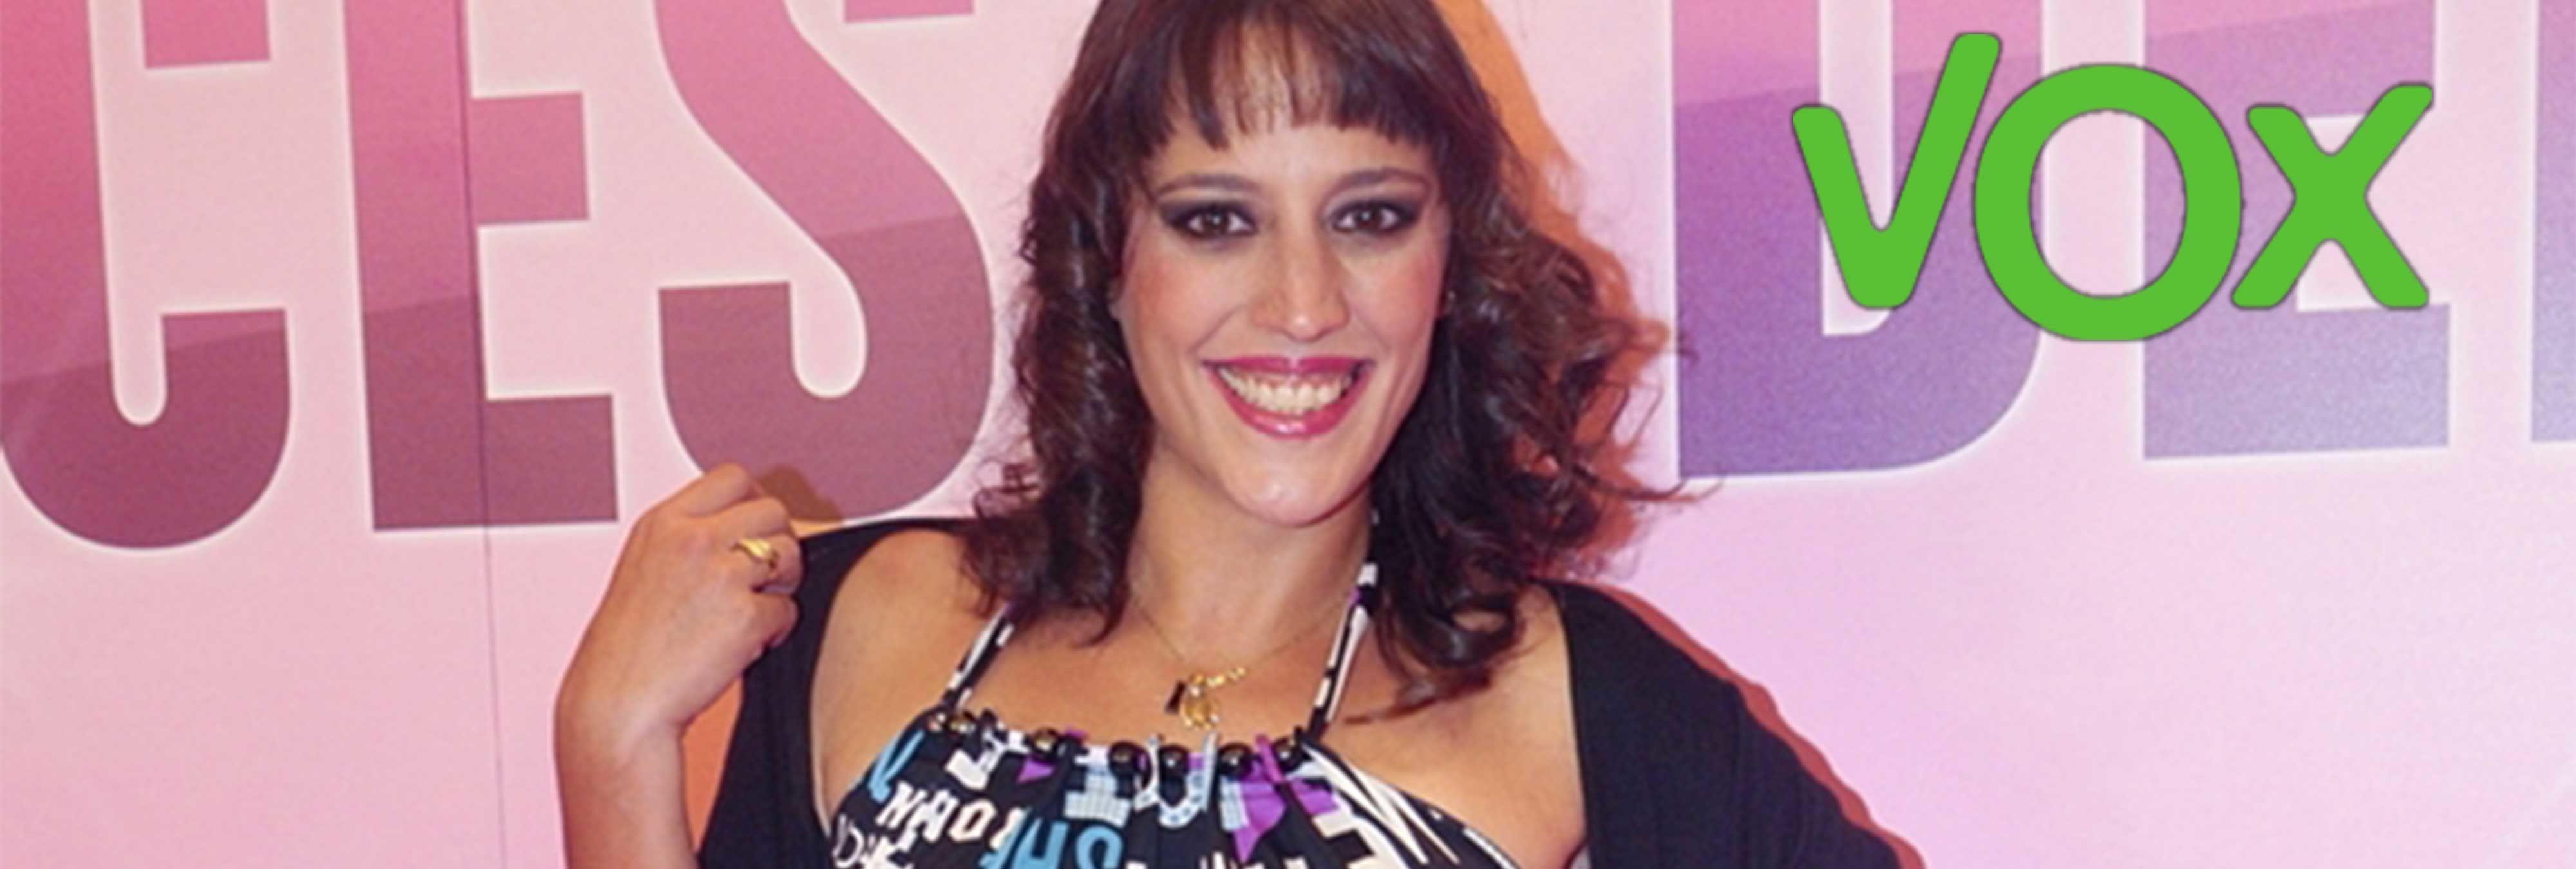 """Bea La Legionaria ('GH') apoya a VOX: """"Hay mujeres que se inventan que les pegan palizas"""""""